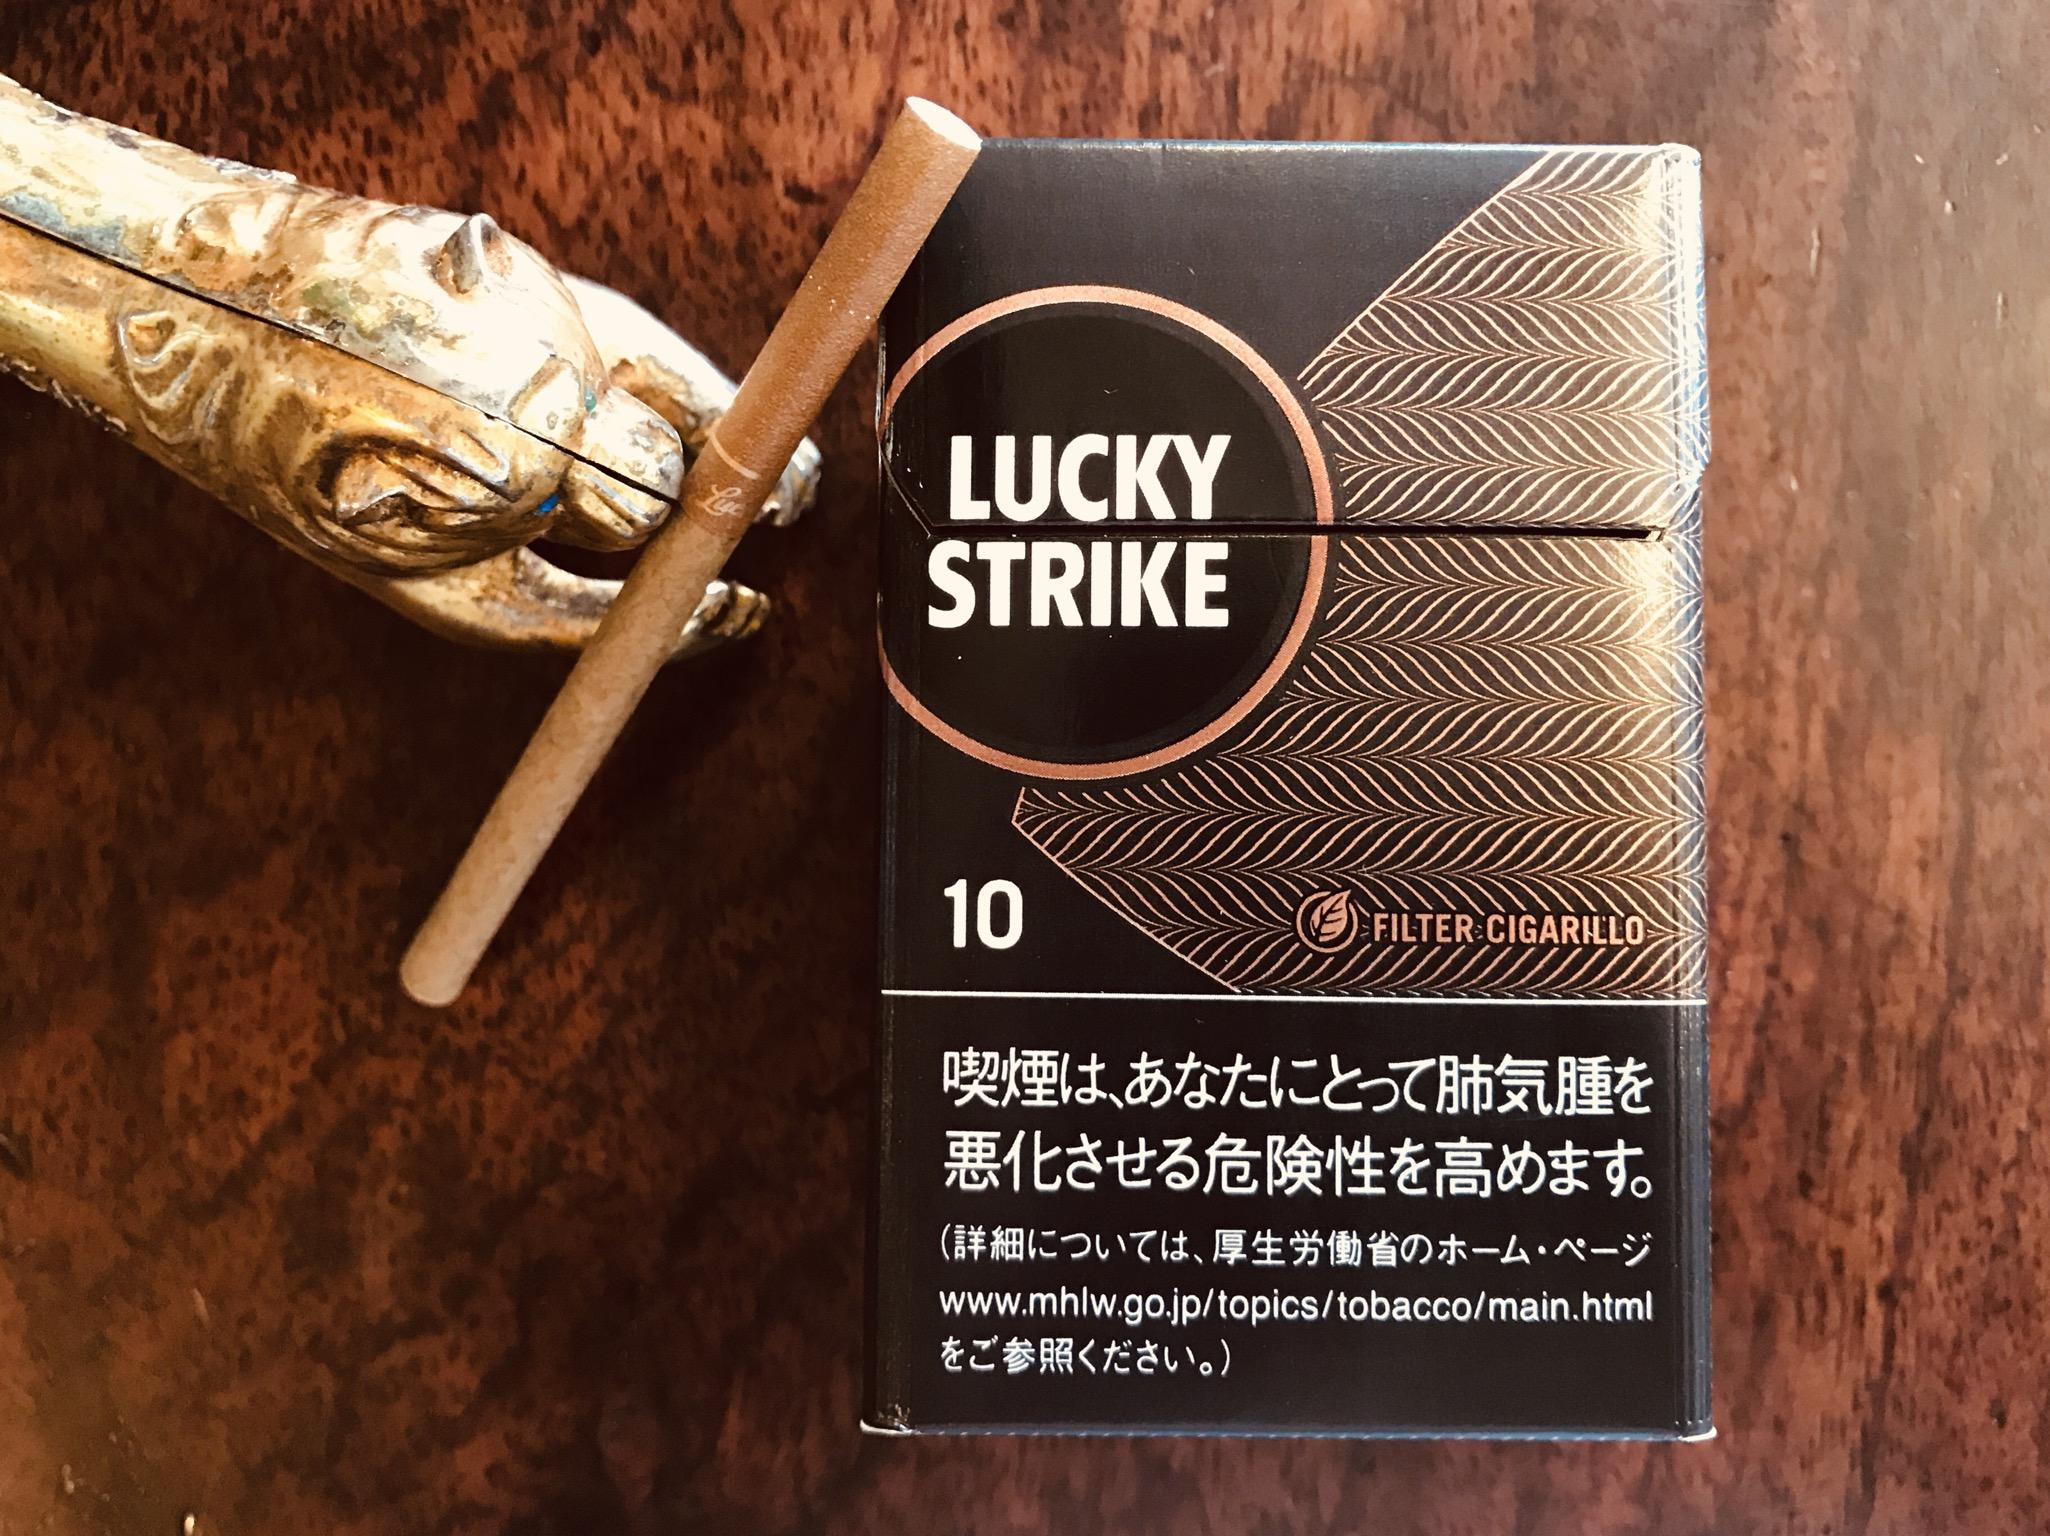 シガリロ ラッキー ストライク